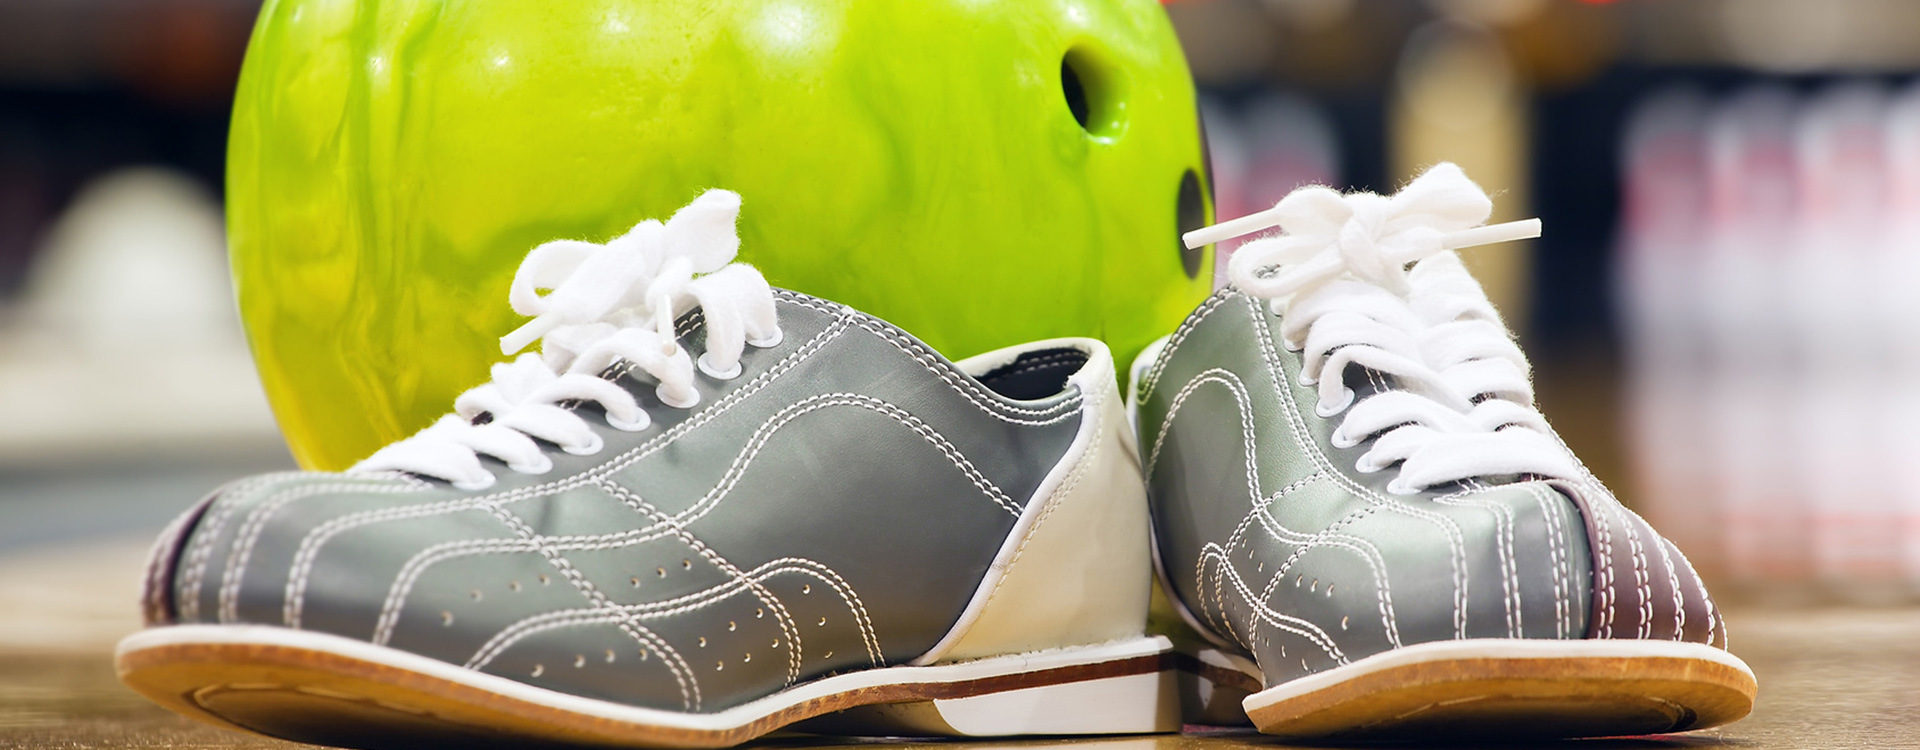 02_Bowlingschuhe